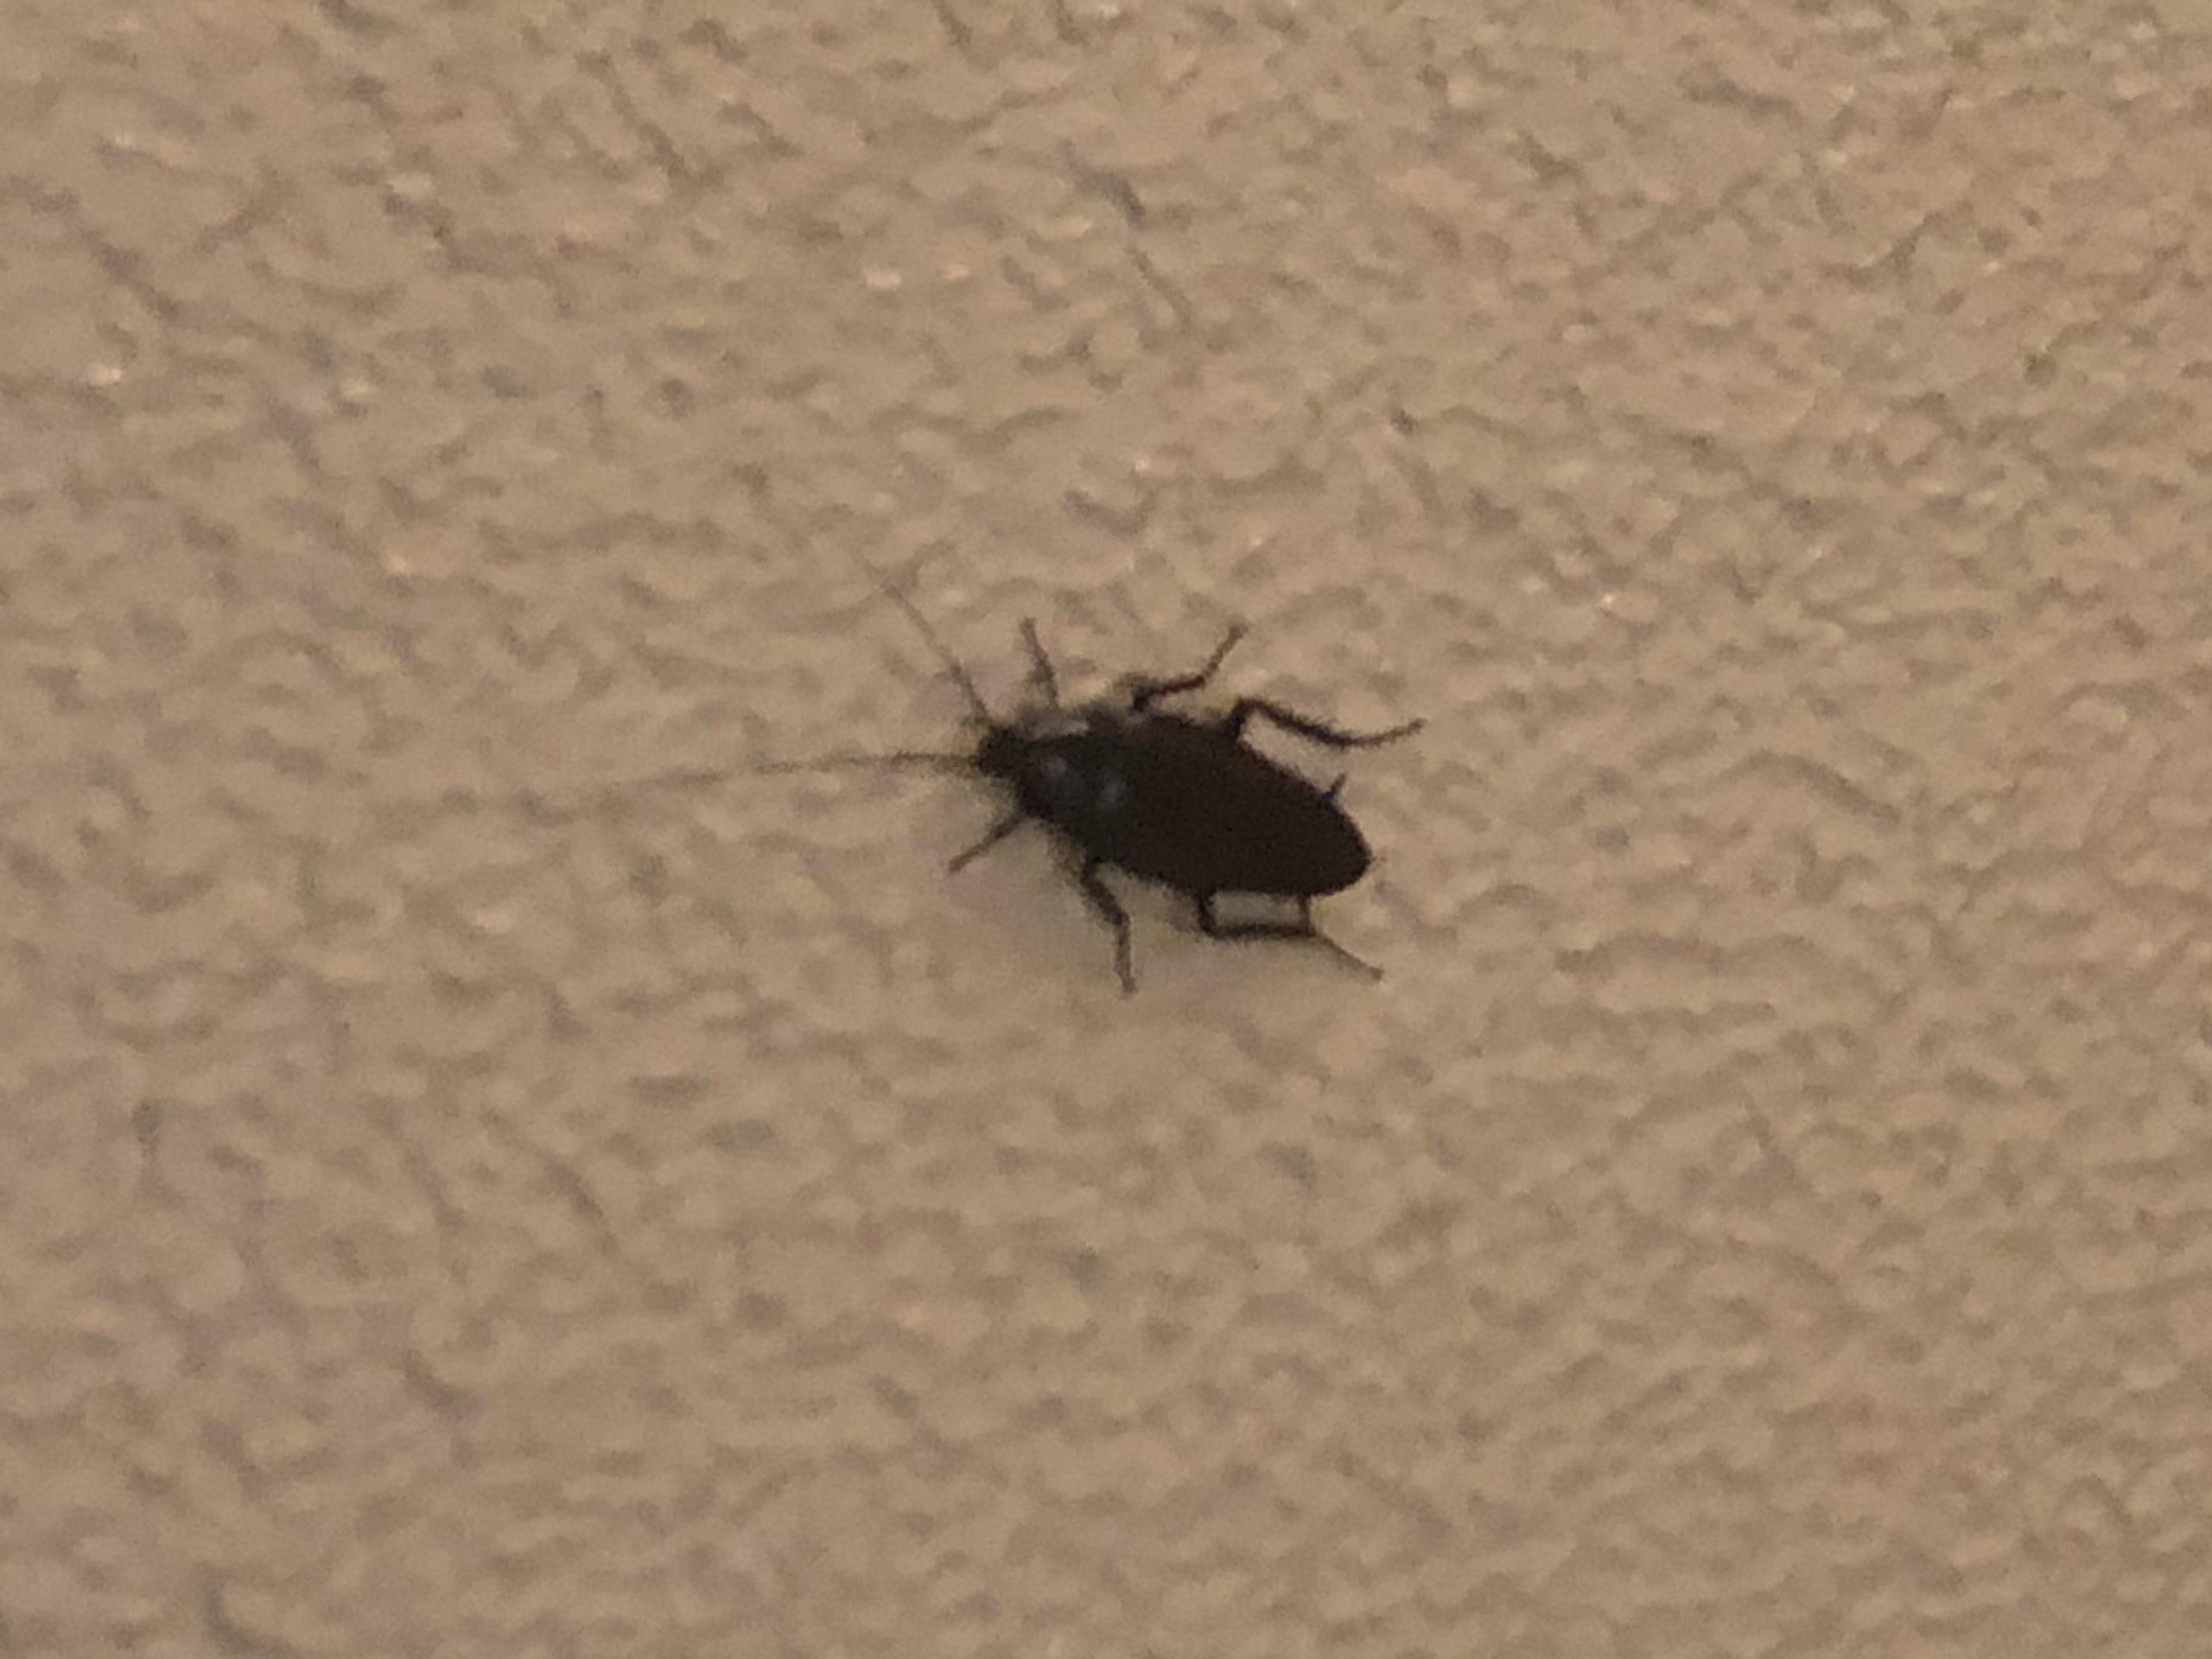 千葉県松戸市のクロゴキブリの駆除:施工前